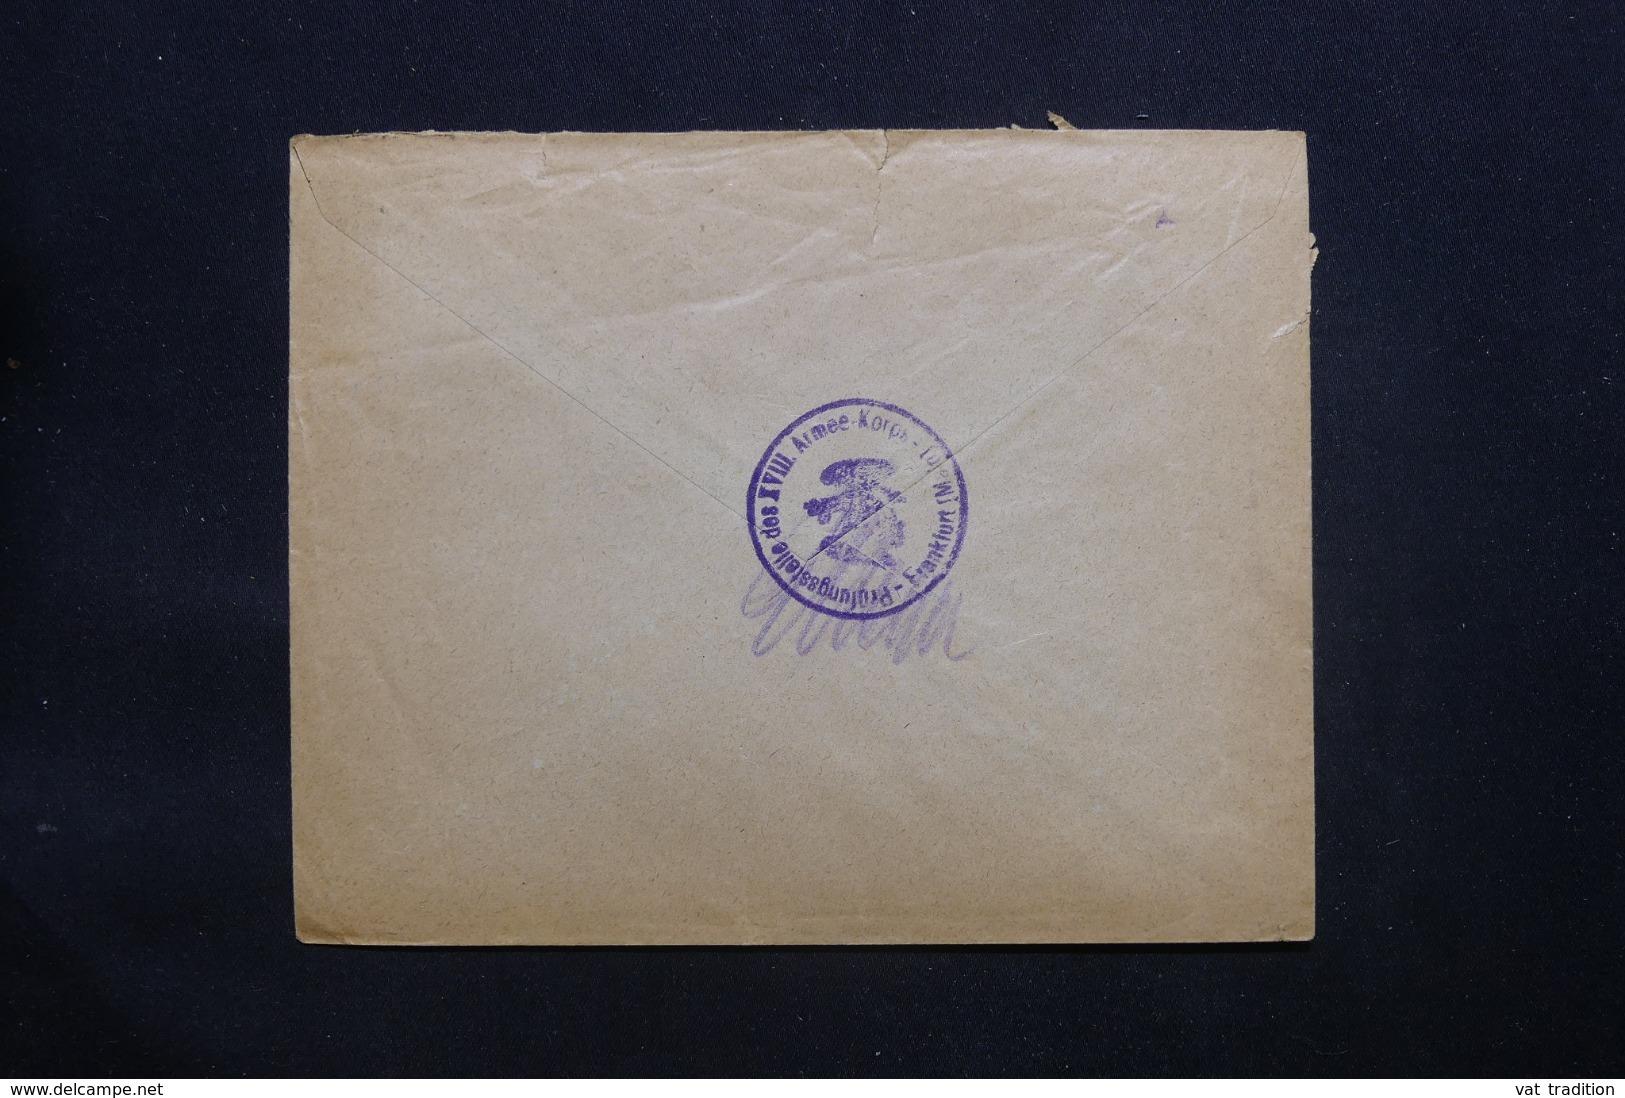 ALLEMAGNE - Enveloppe Pour Anvers Avec Cachet De Contrôle De Frankfurt - L 43090 - Covers & Documents